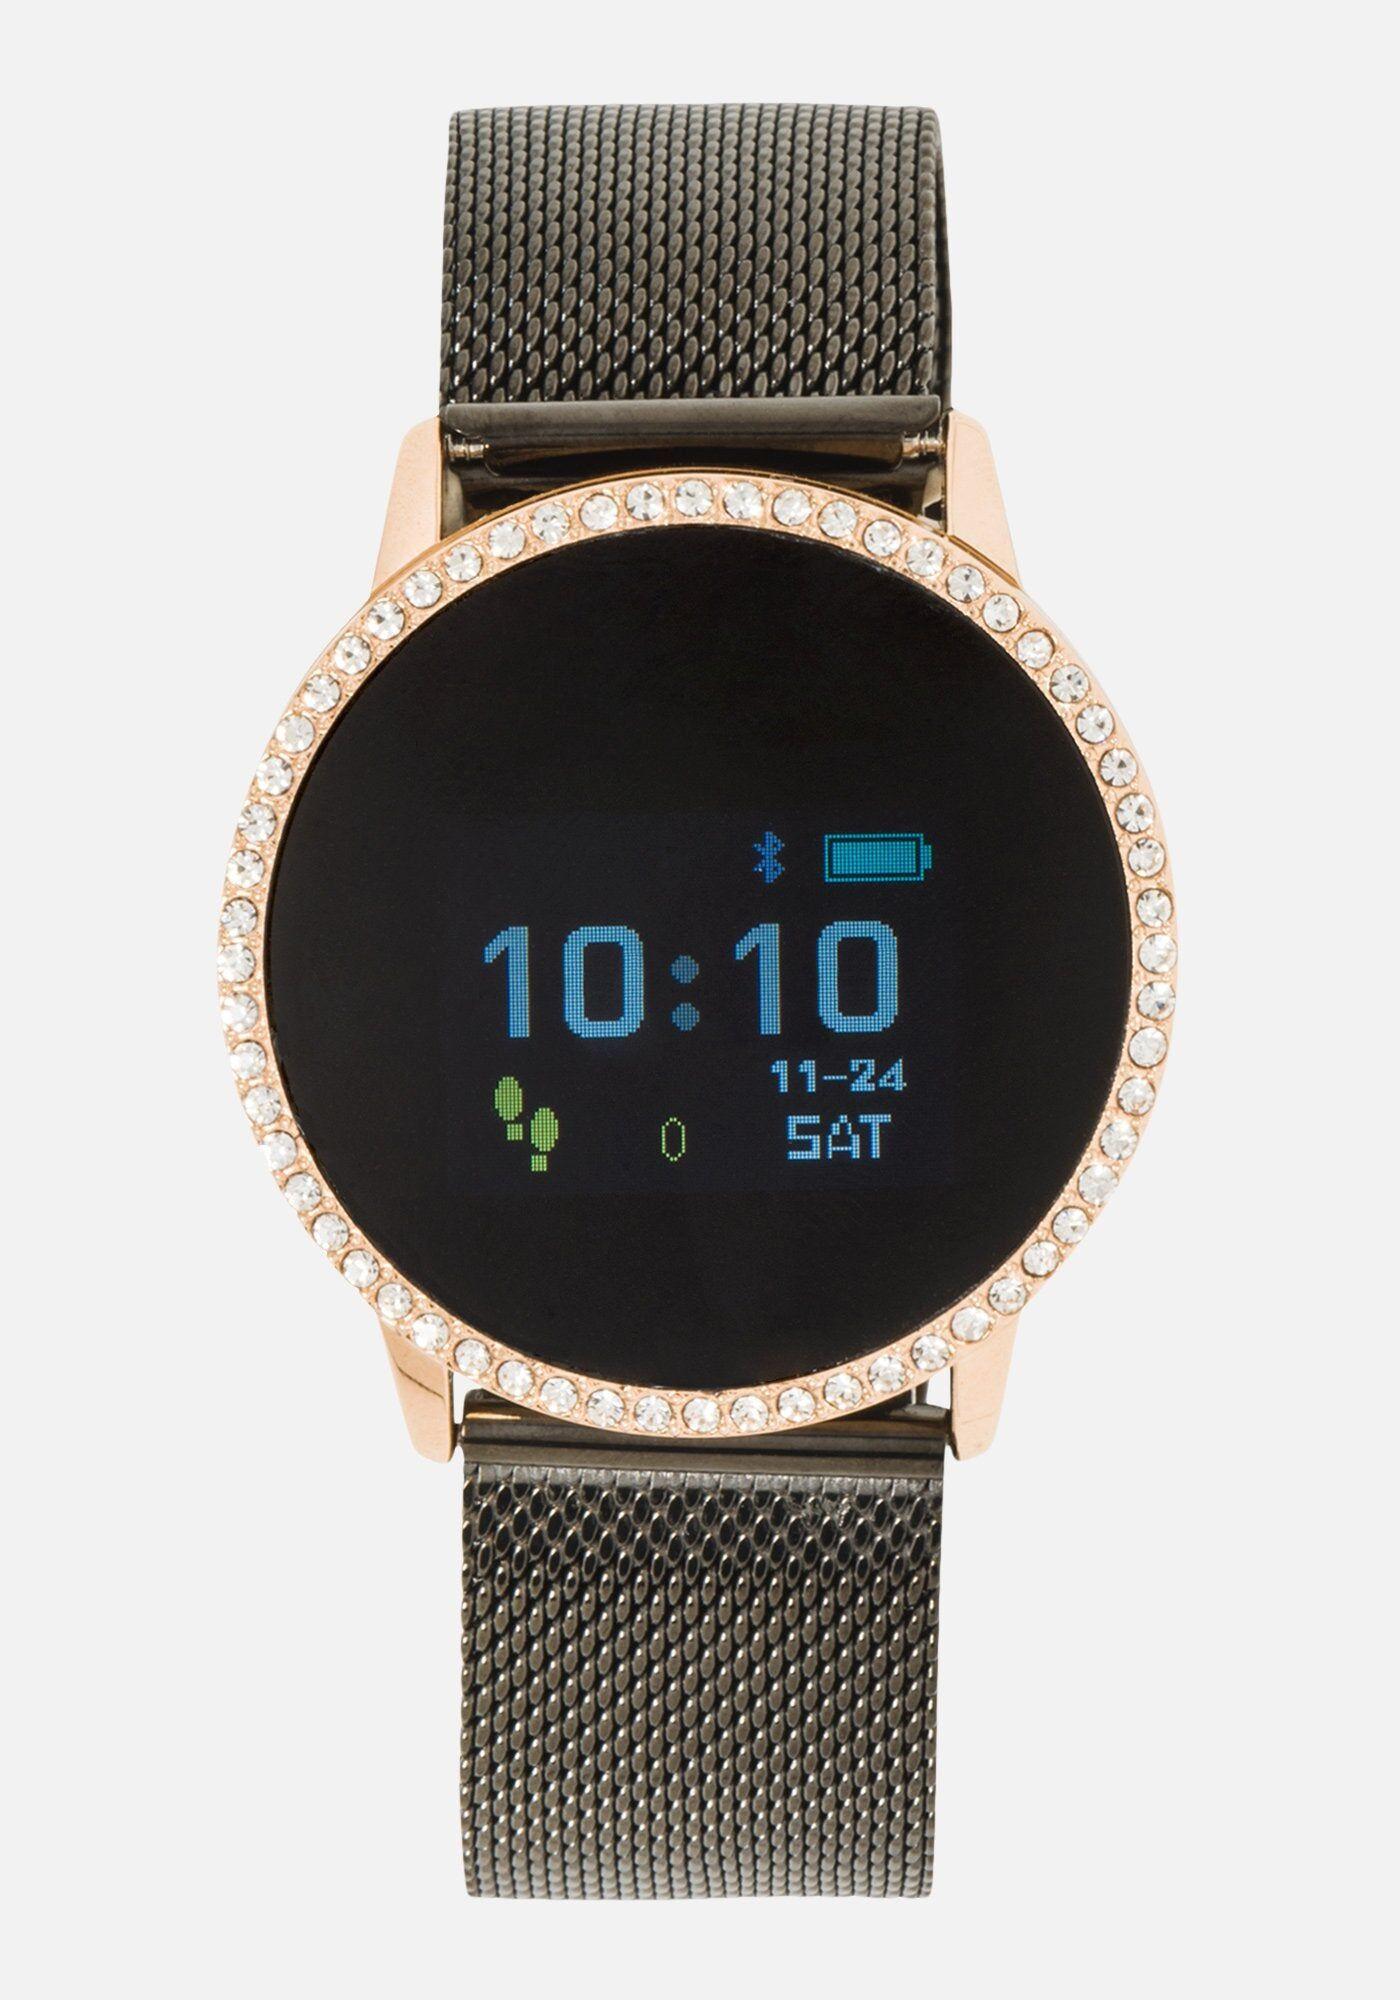 Bebe Women's Mesh Bracelet Smart Watch in SILVER Metal